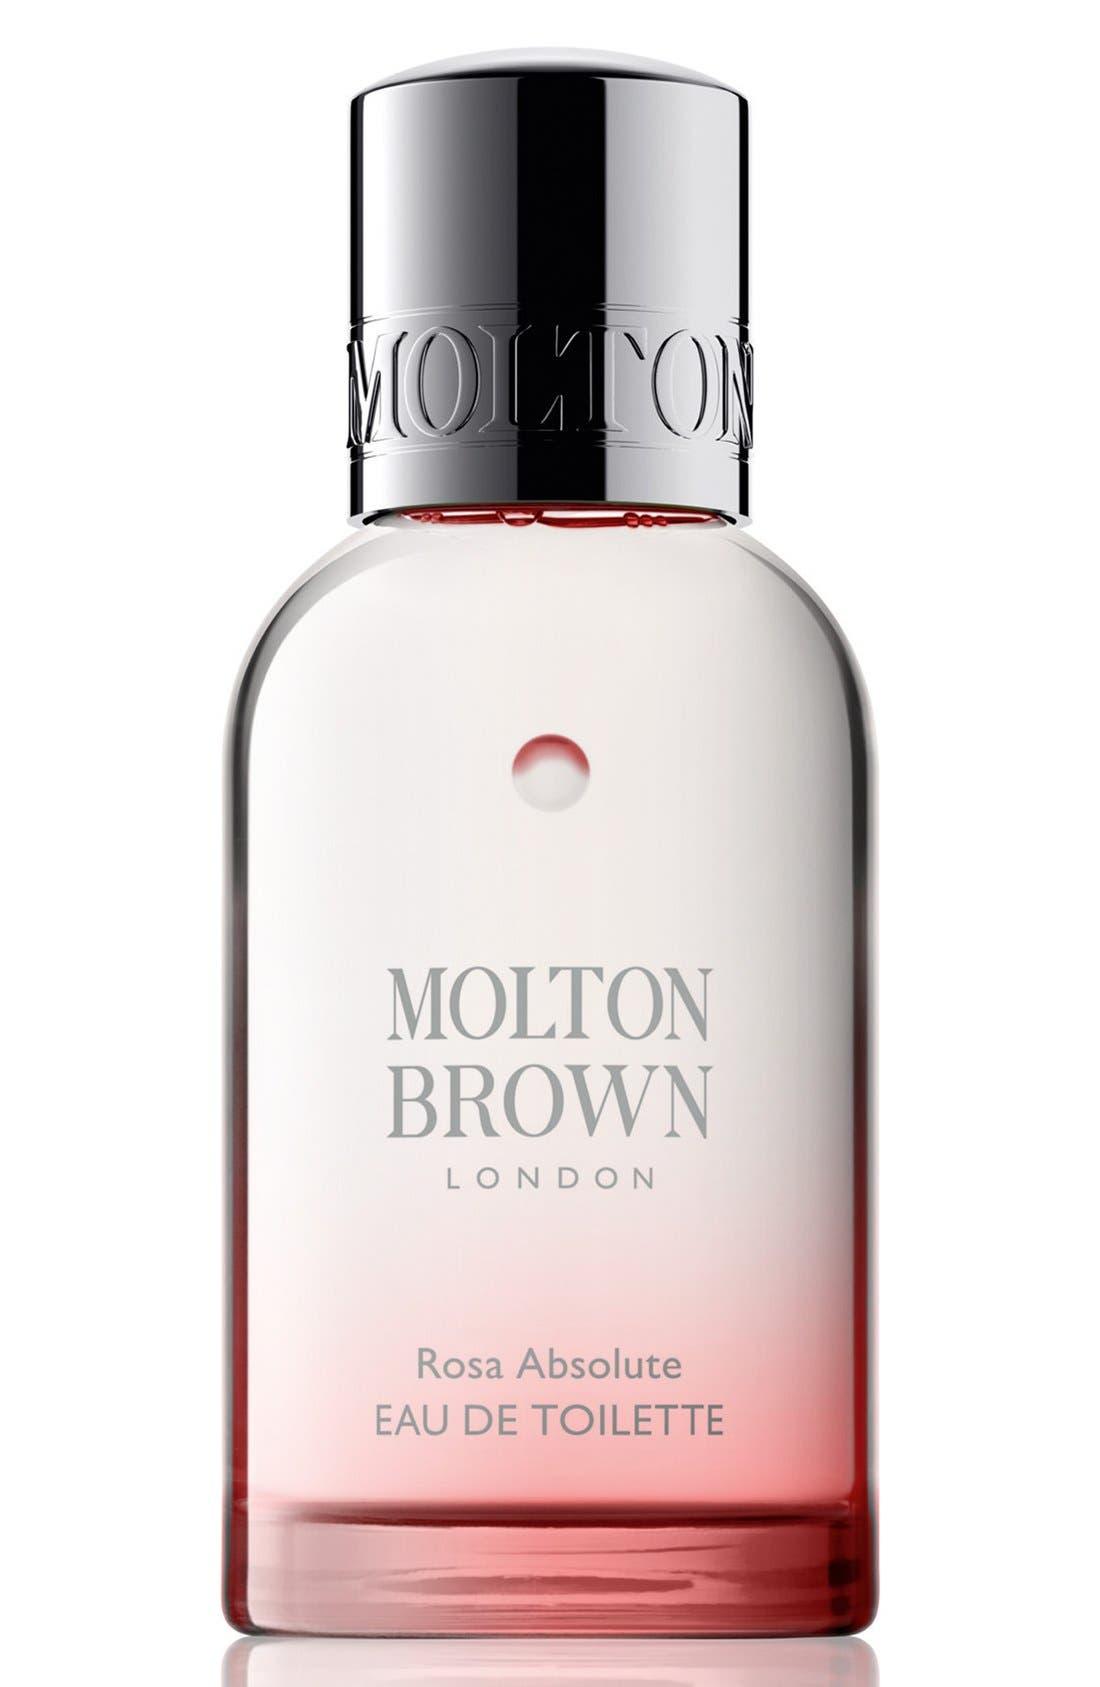 MOLTON BROWN London 'Rosa Absolute' Eau de Toilette